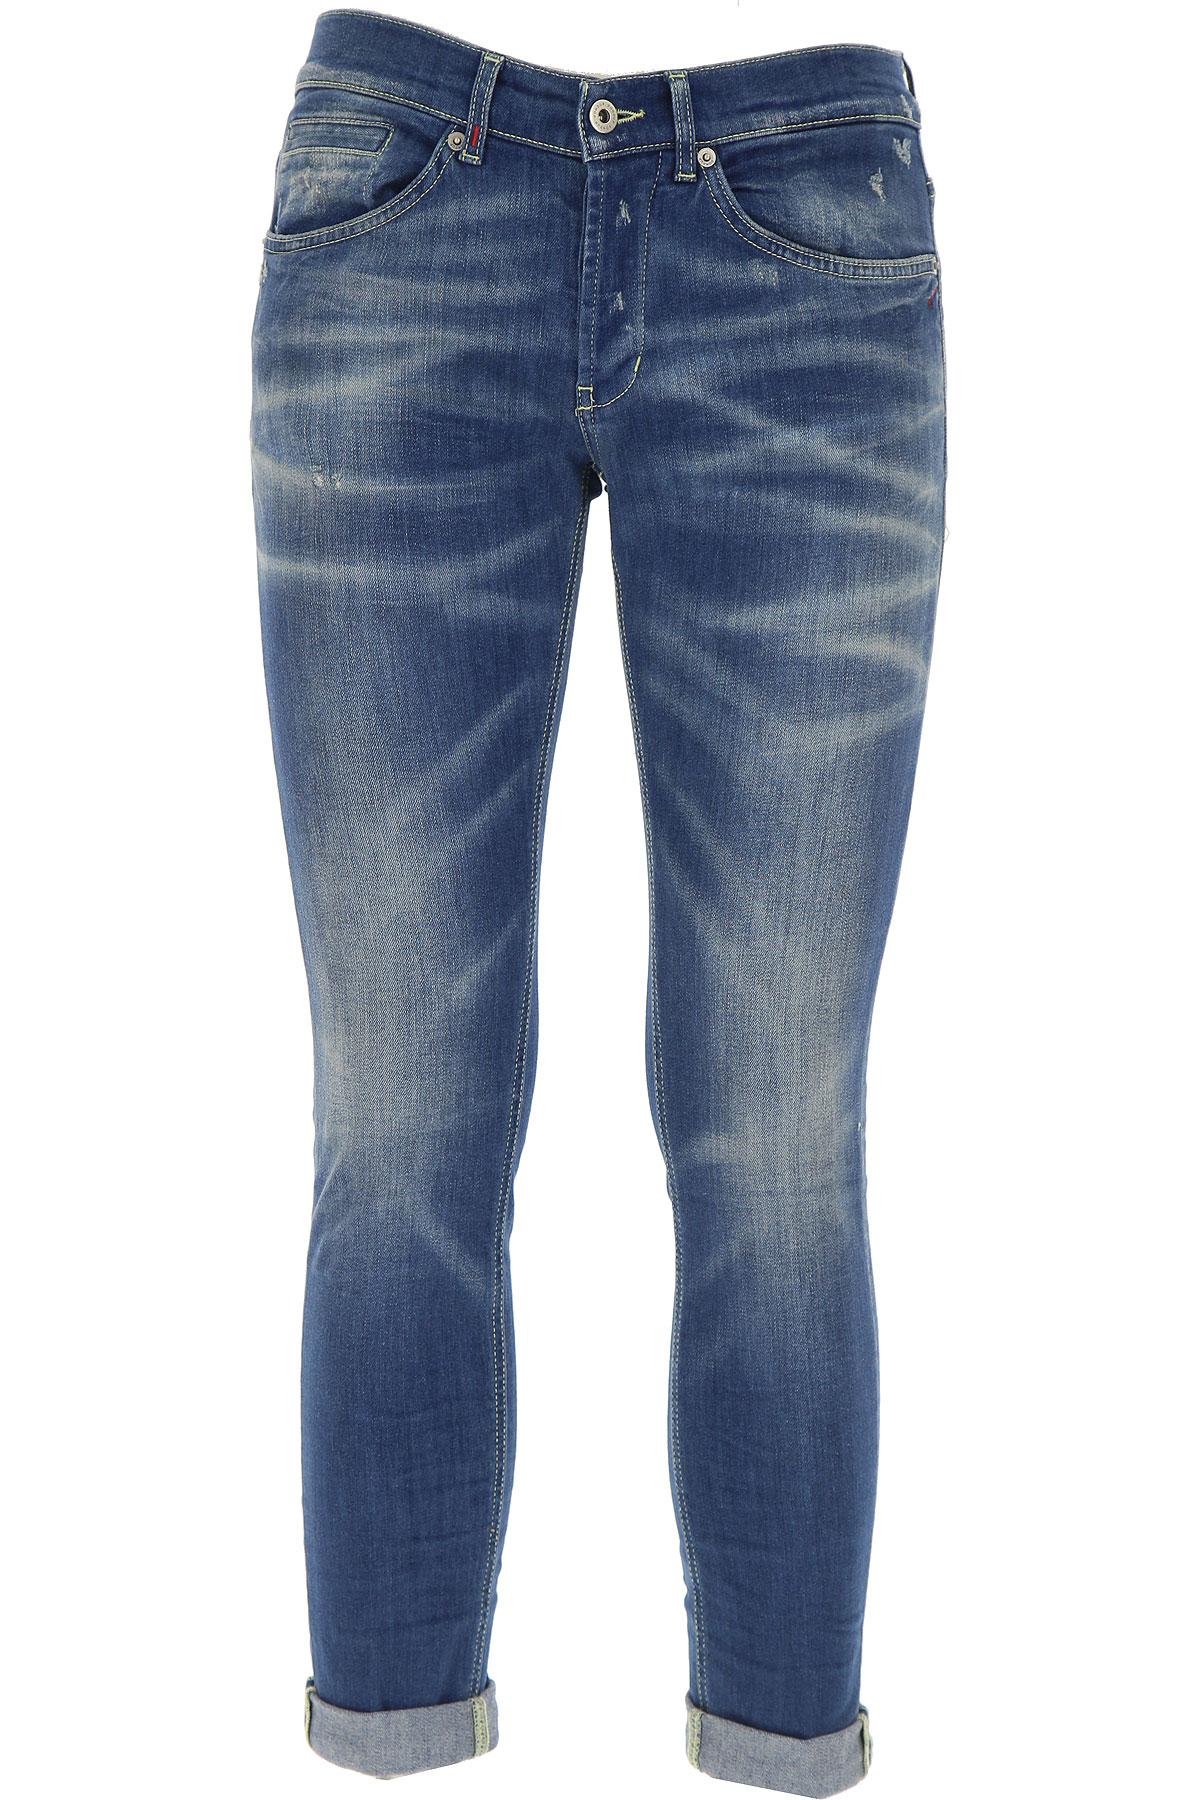 Dondup Jeans On Sale, Denim Blue, Cotton, 2017, 29 30 31 34 35 36